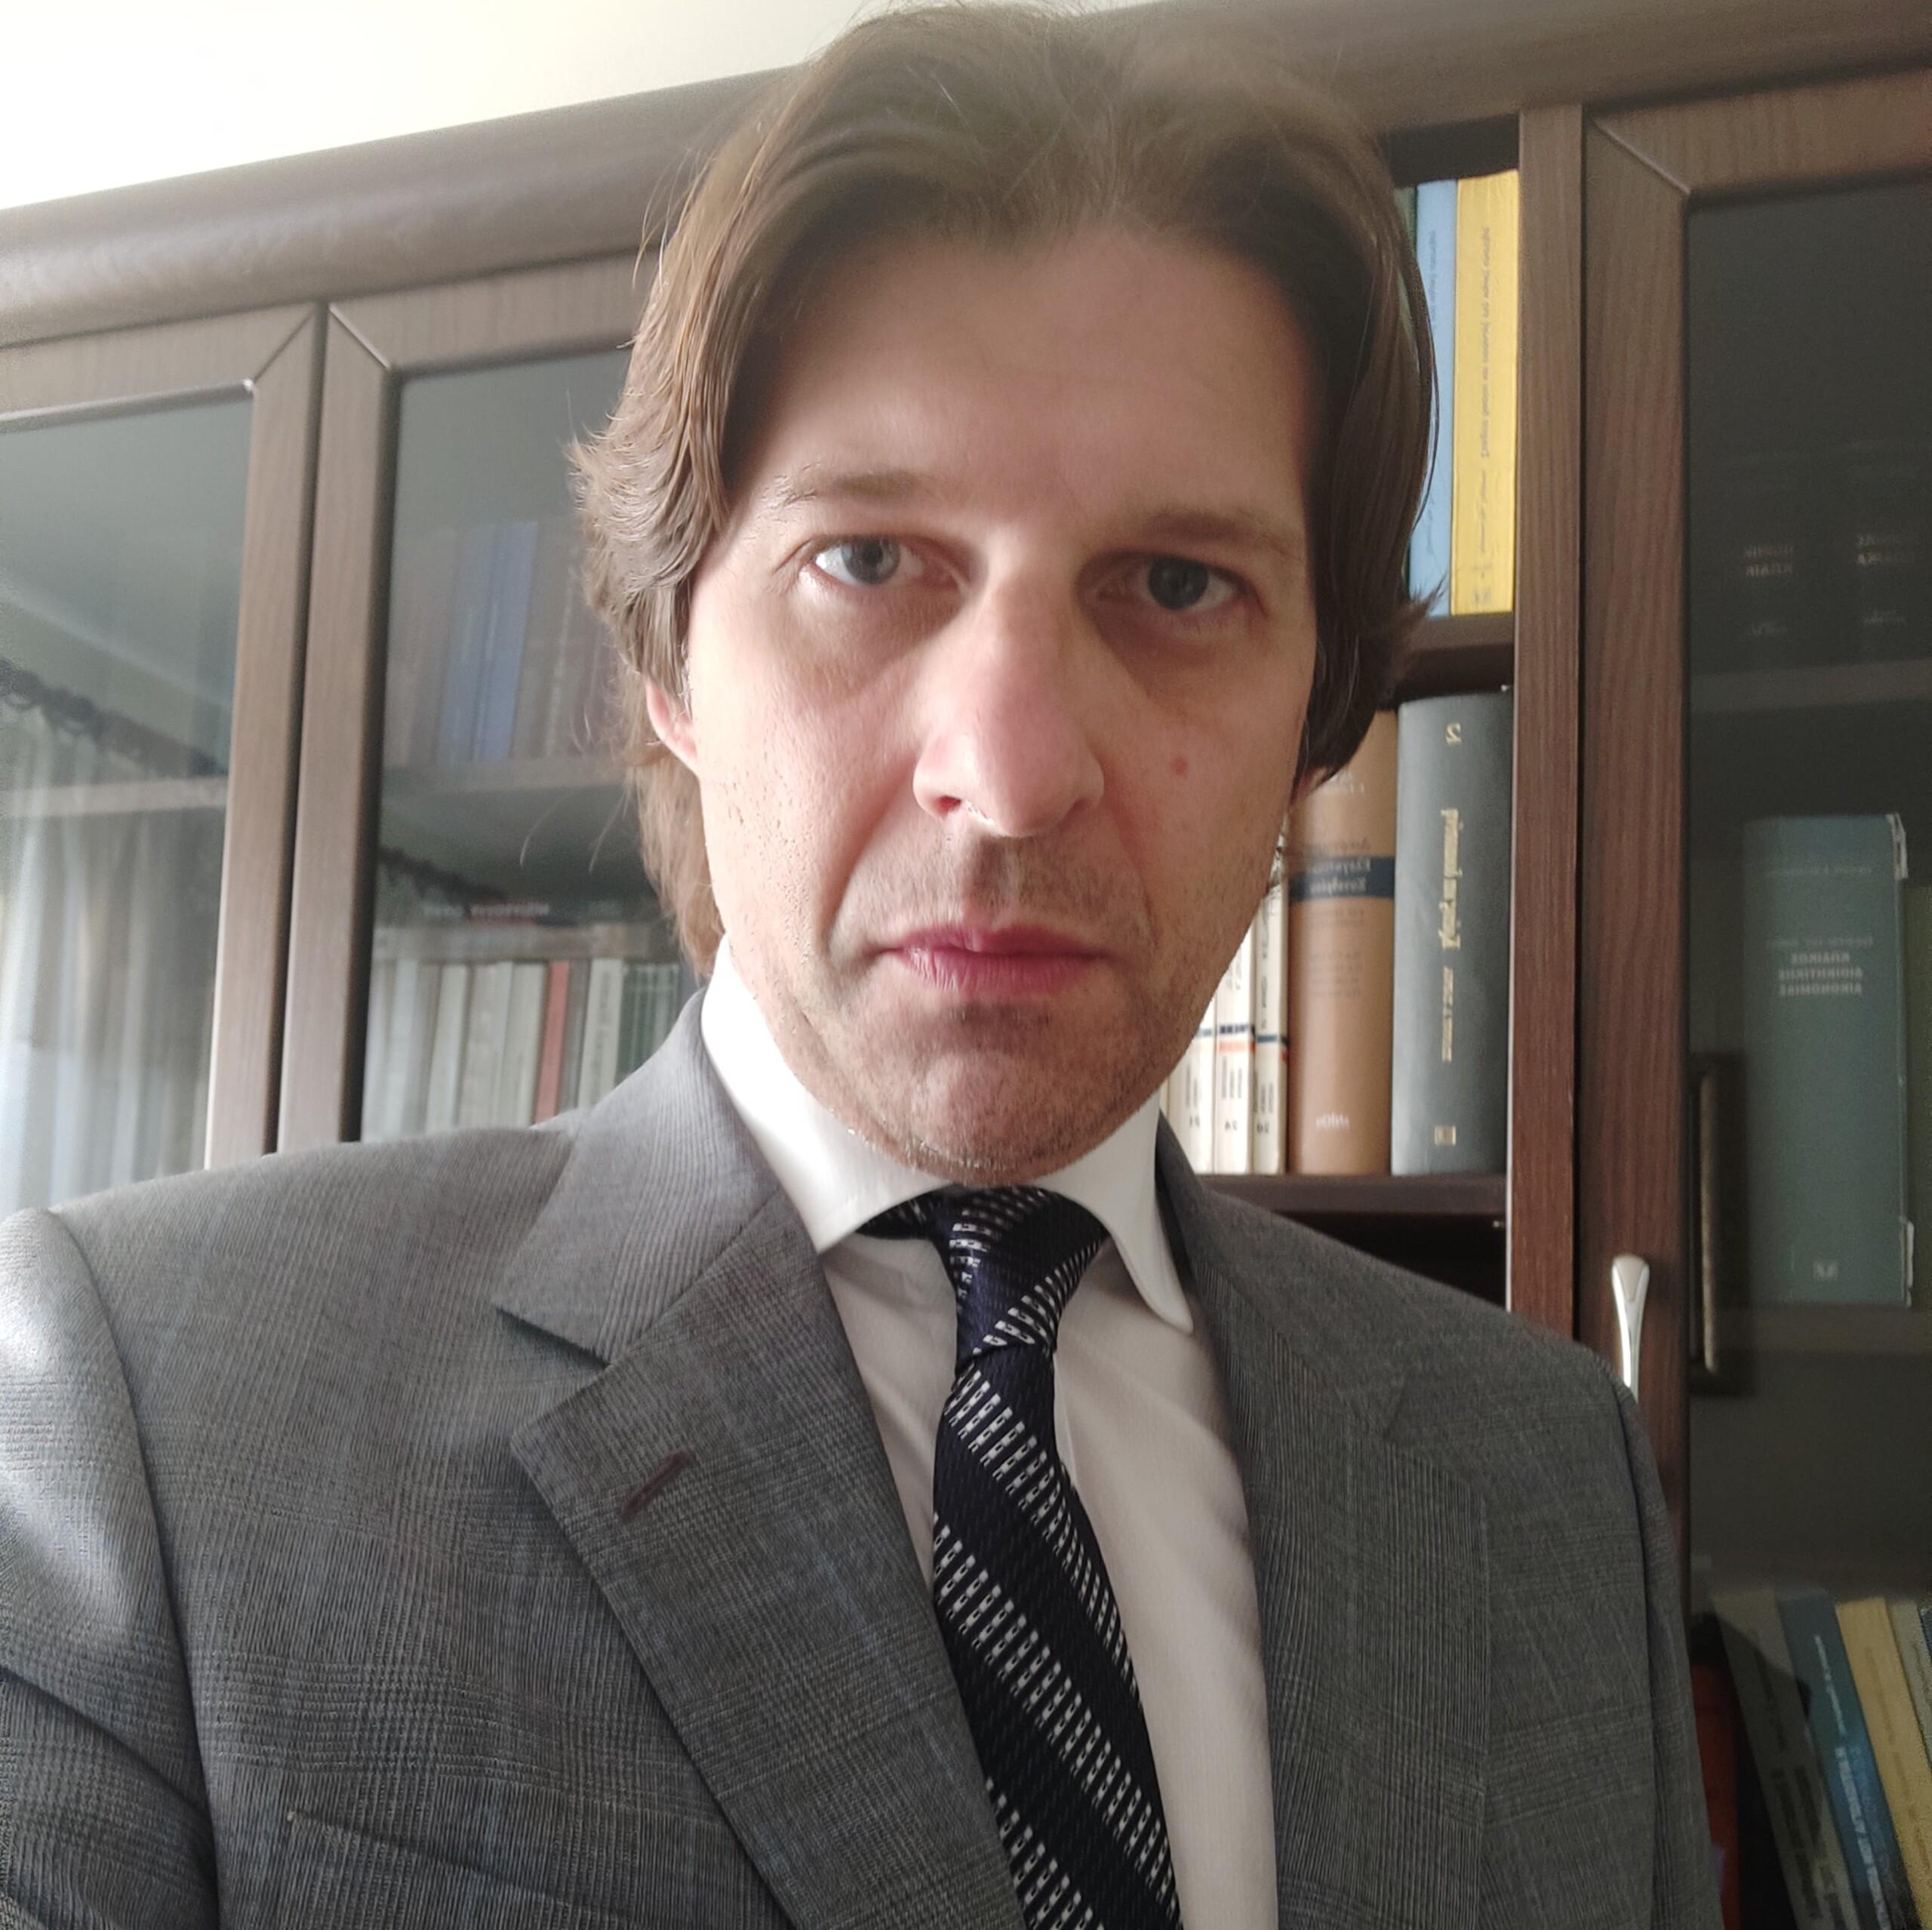 Χρήστος Βασματζίδης: Η συνταγματικότητα της υποχρέωσης διαγνωστικών ελέγχων νόσησης από τον covid – 19 στους υπαλλήλους του Δημοσίου και της τοπικής αυτοδιοίκησης